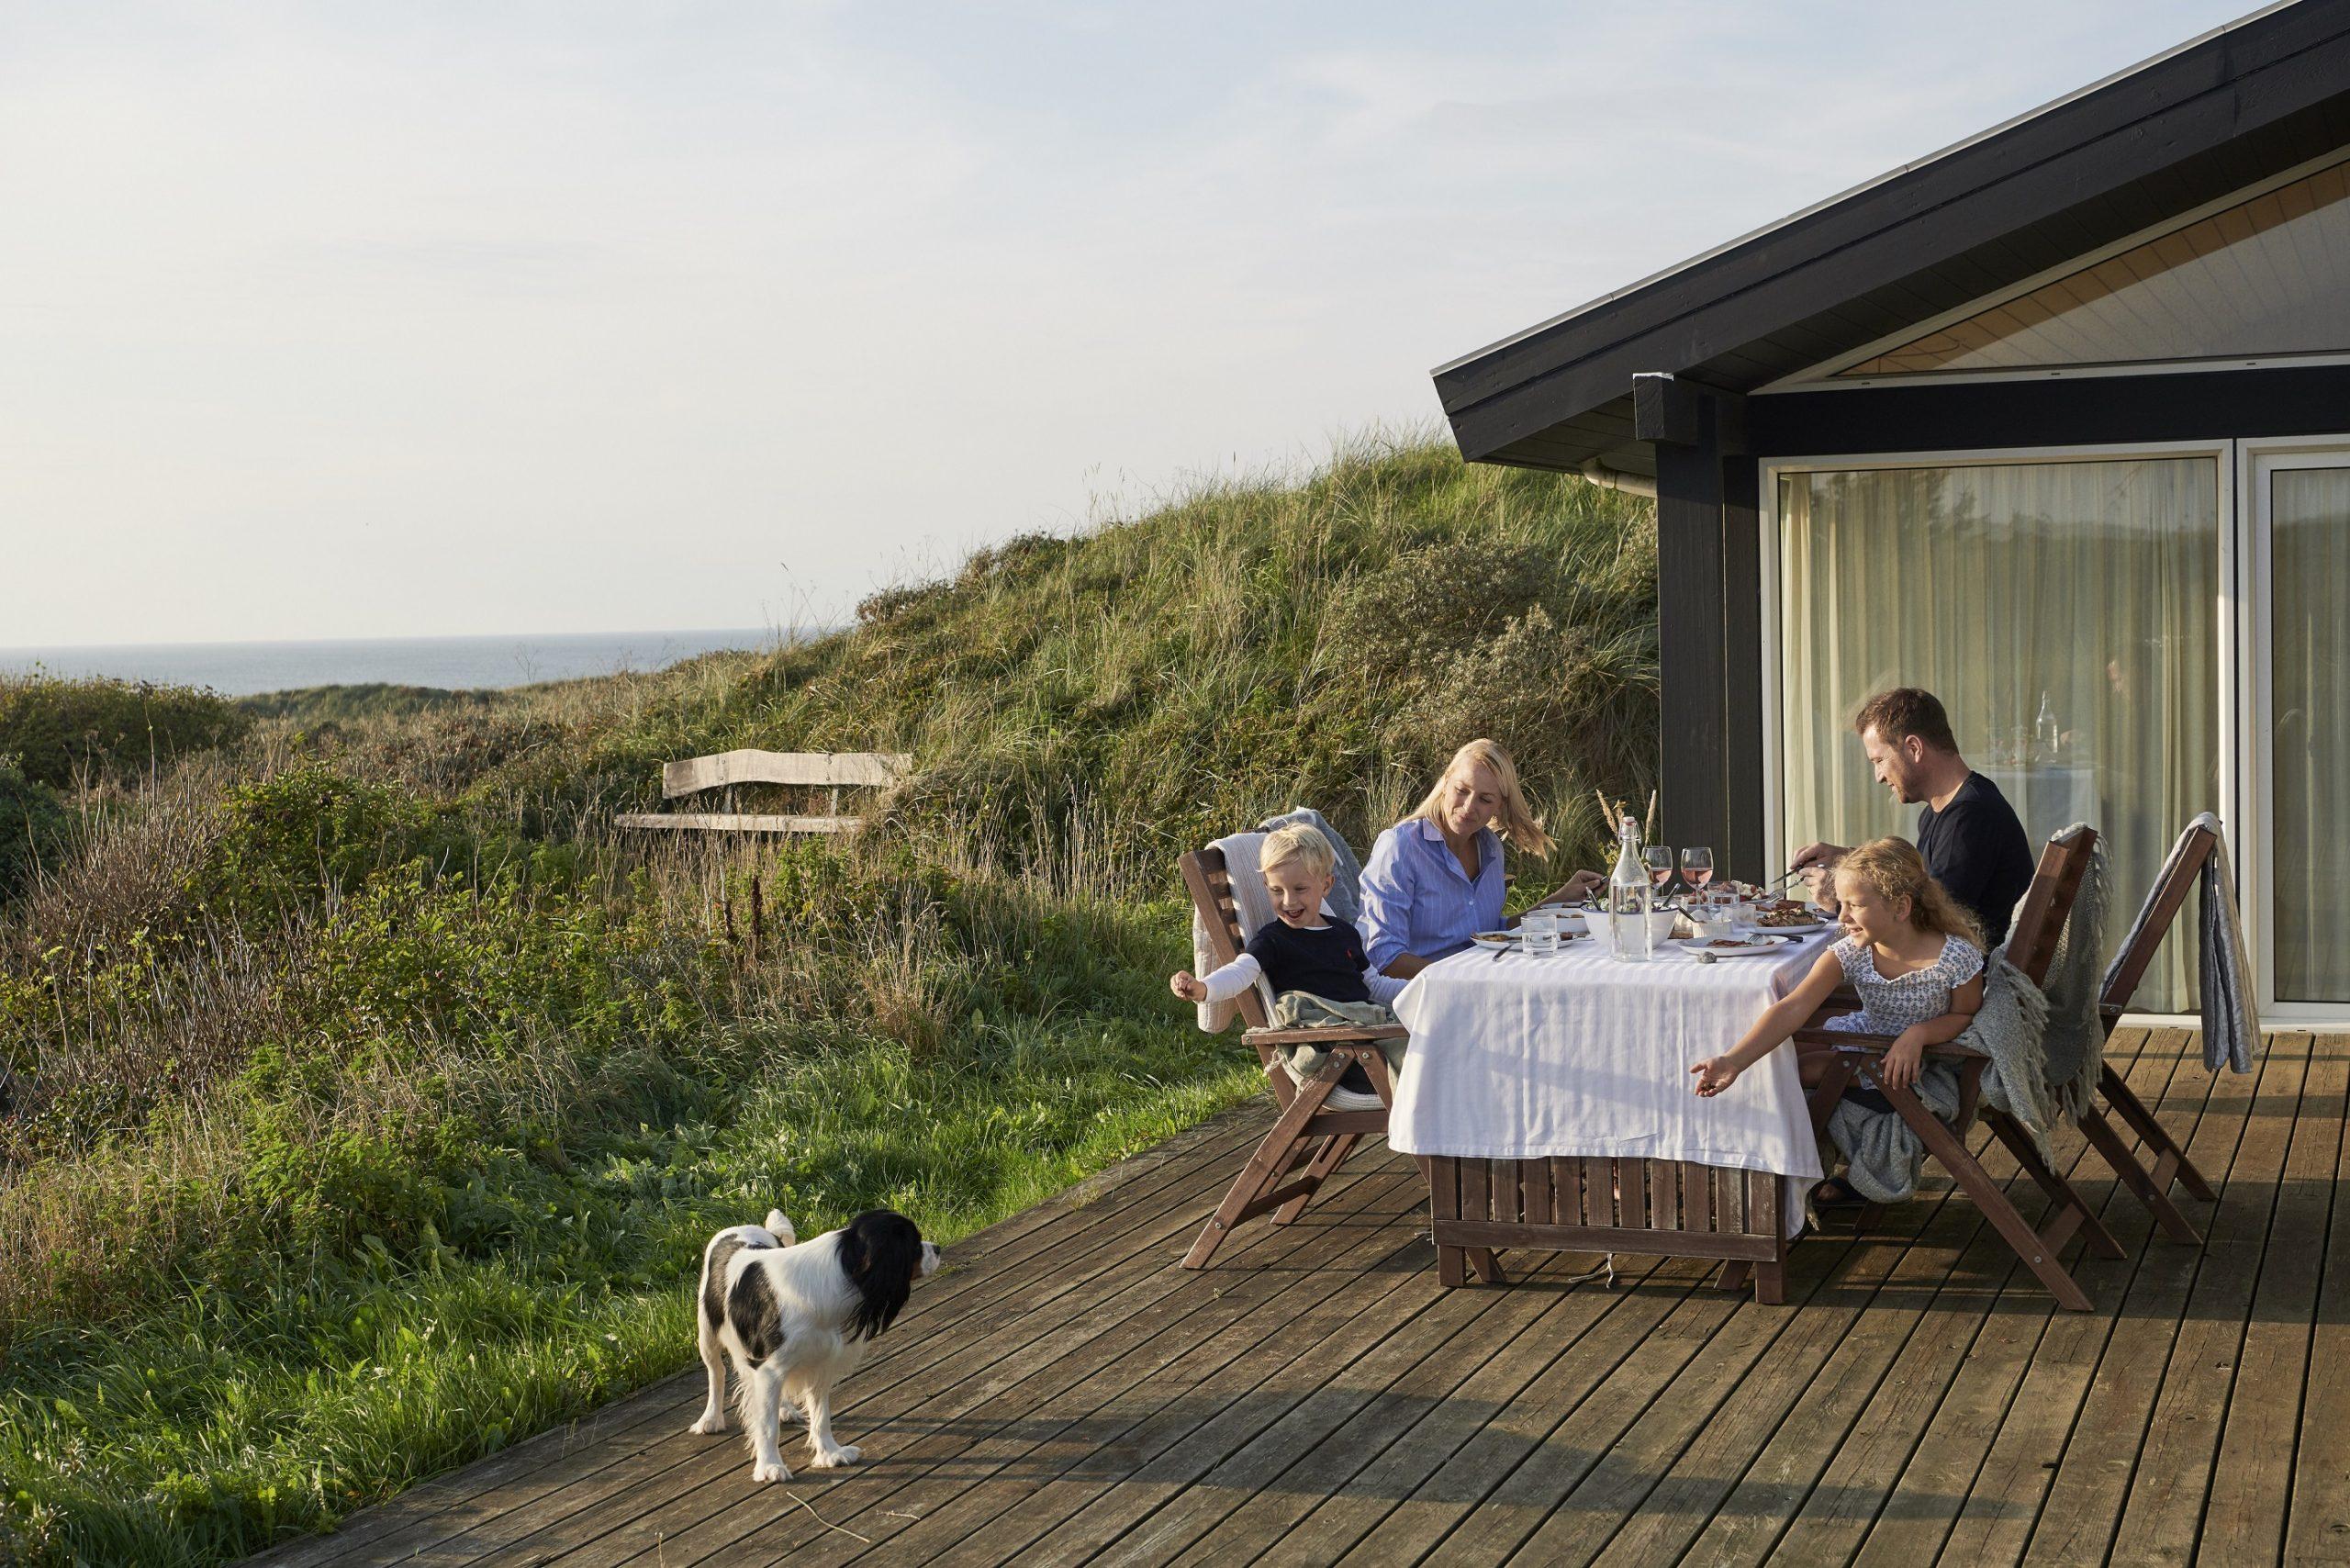 Stadig flere danskere holder vinterferie i danske ferieboliger. Danmark har cirka 200.000 ferieboliger og sommerhuse, hvoraf omkring 40.000 kan lejes i perioder. Arkivpressefoto fra VisitDenmark.